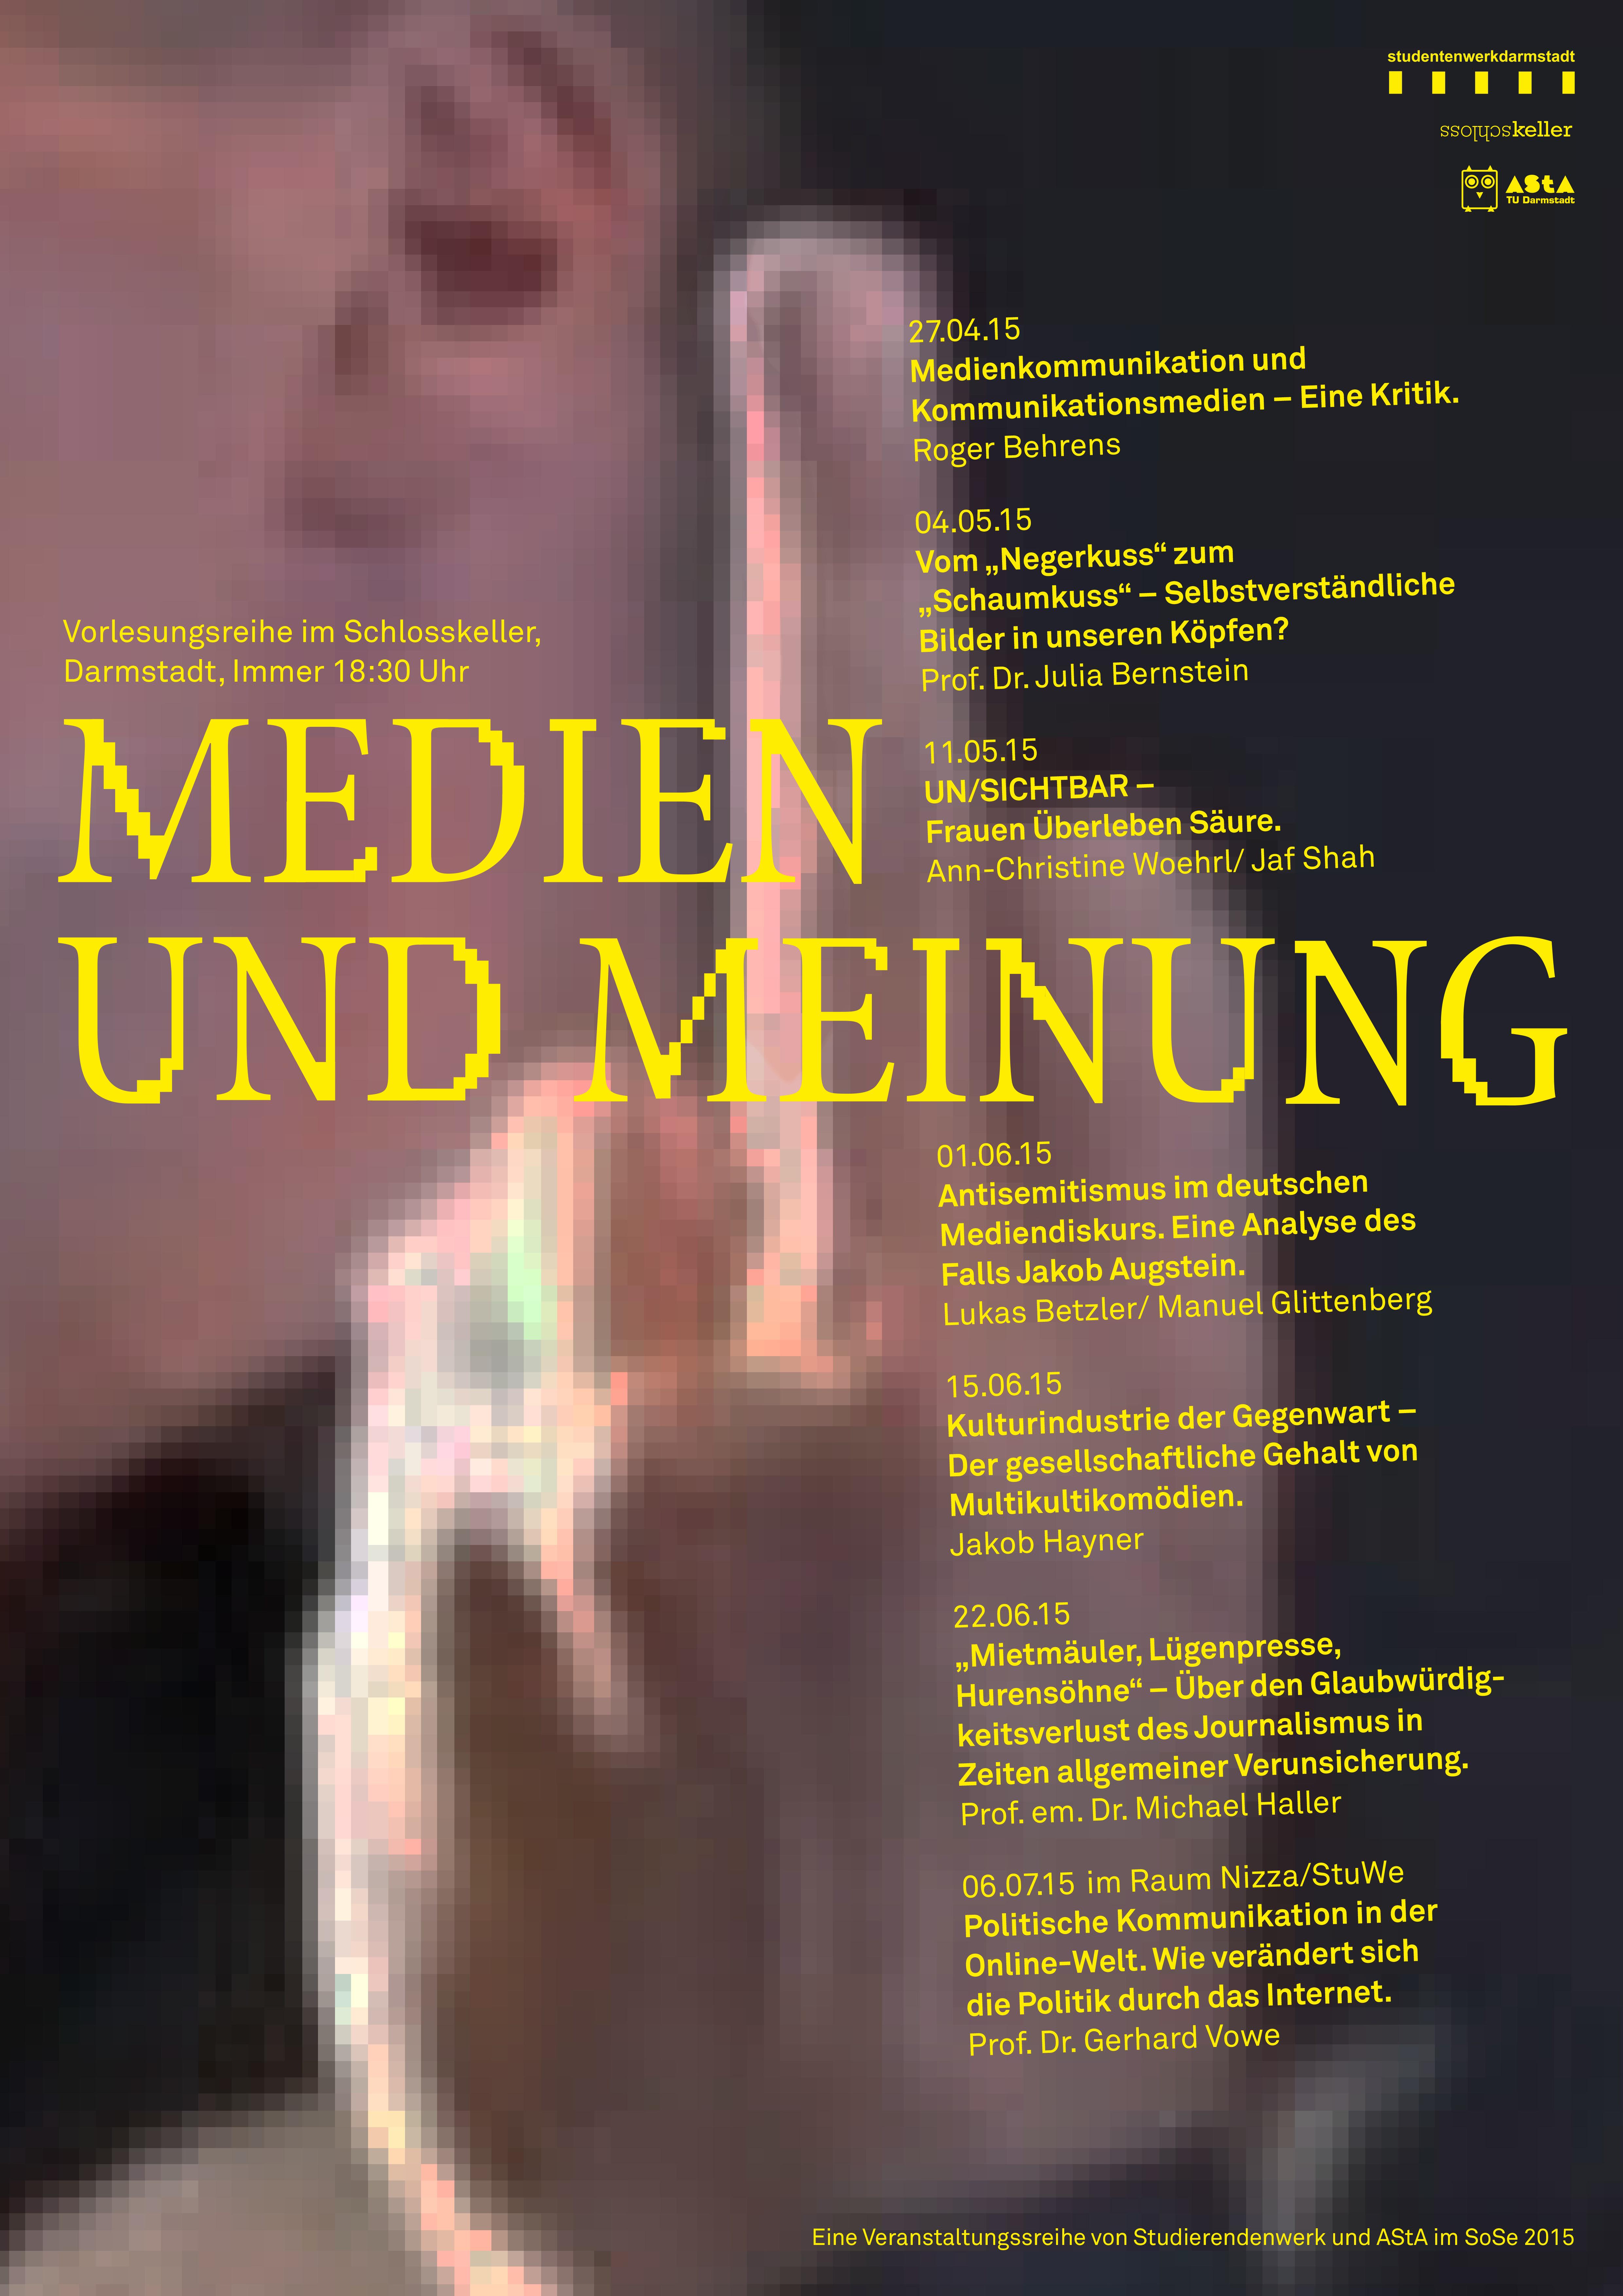 Medien und Meinung Plakat